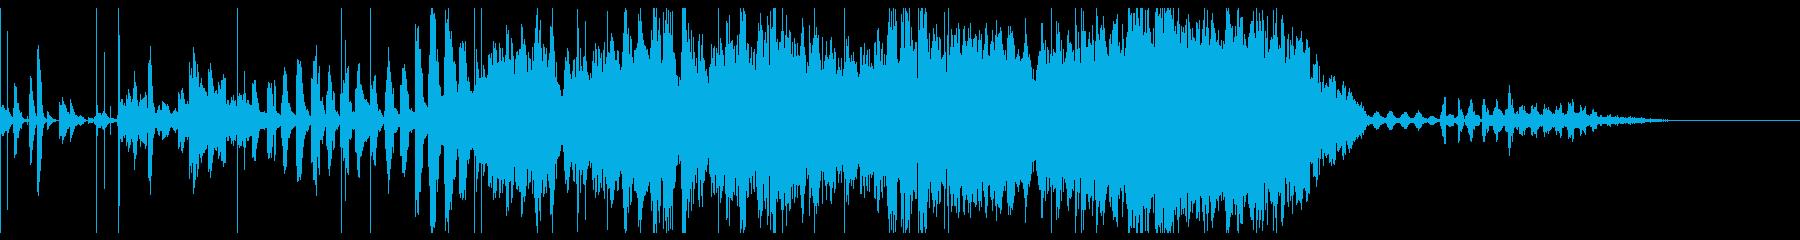 フーガの古典的な原理に基づいた合唱...の再生済みの波形